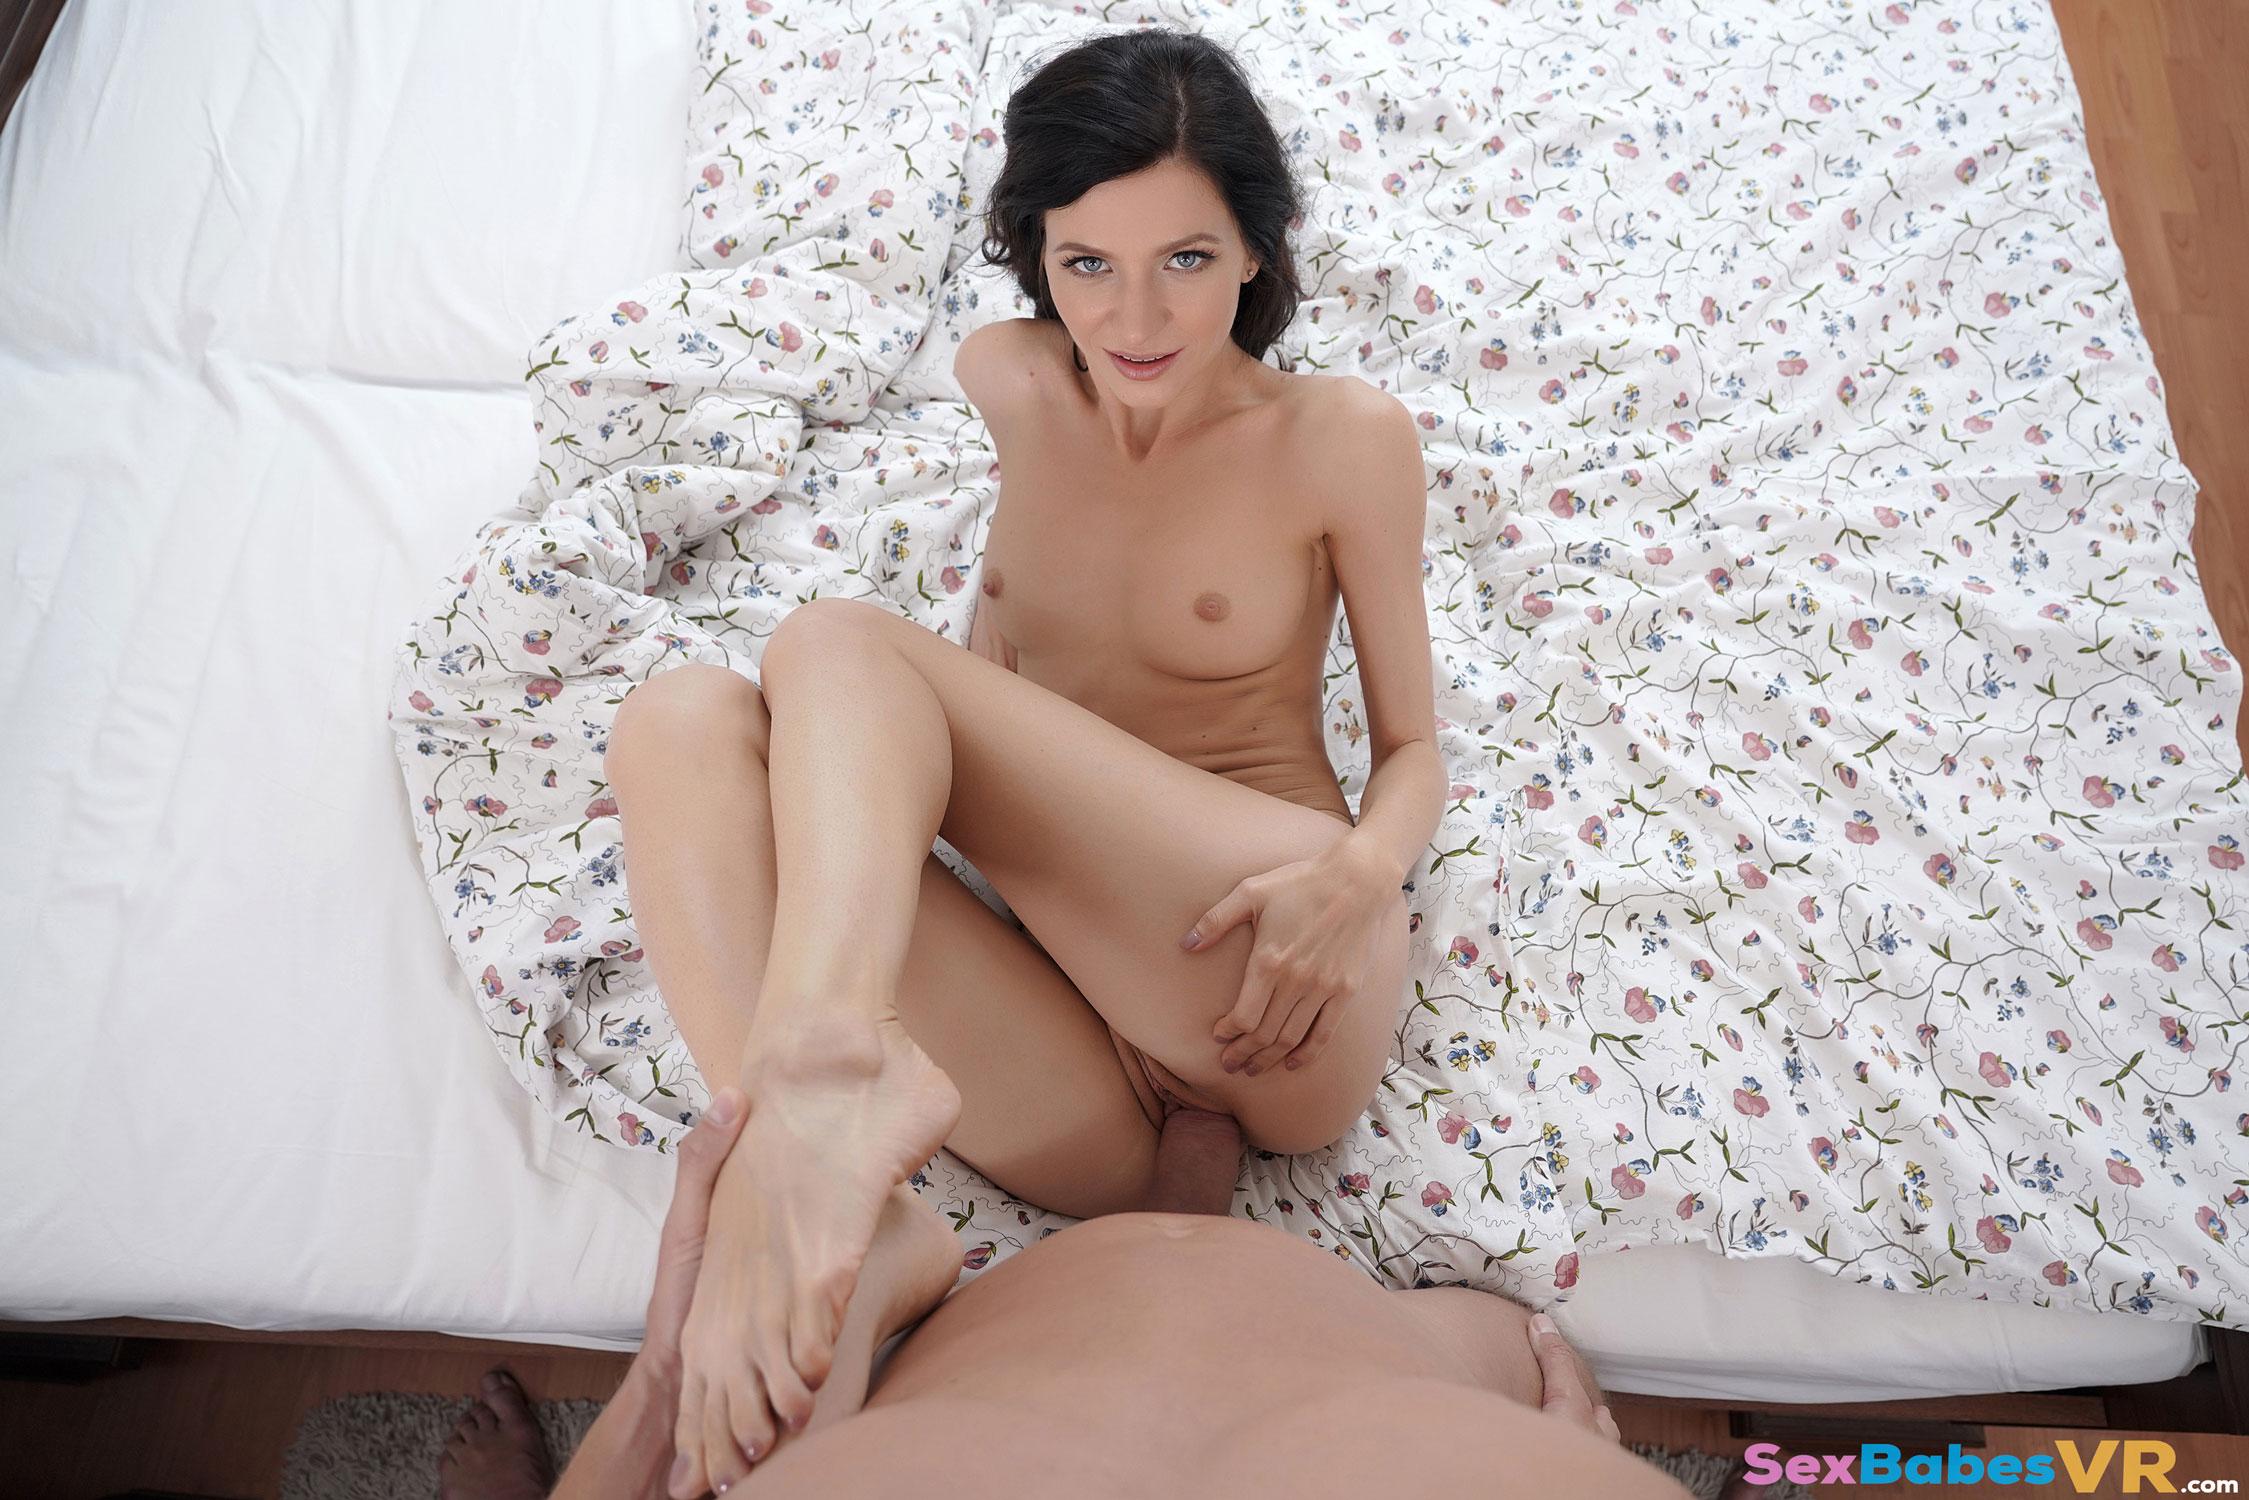 Hotel Maid Porn